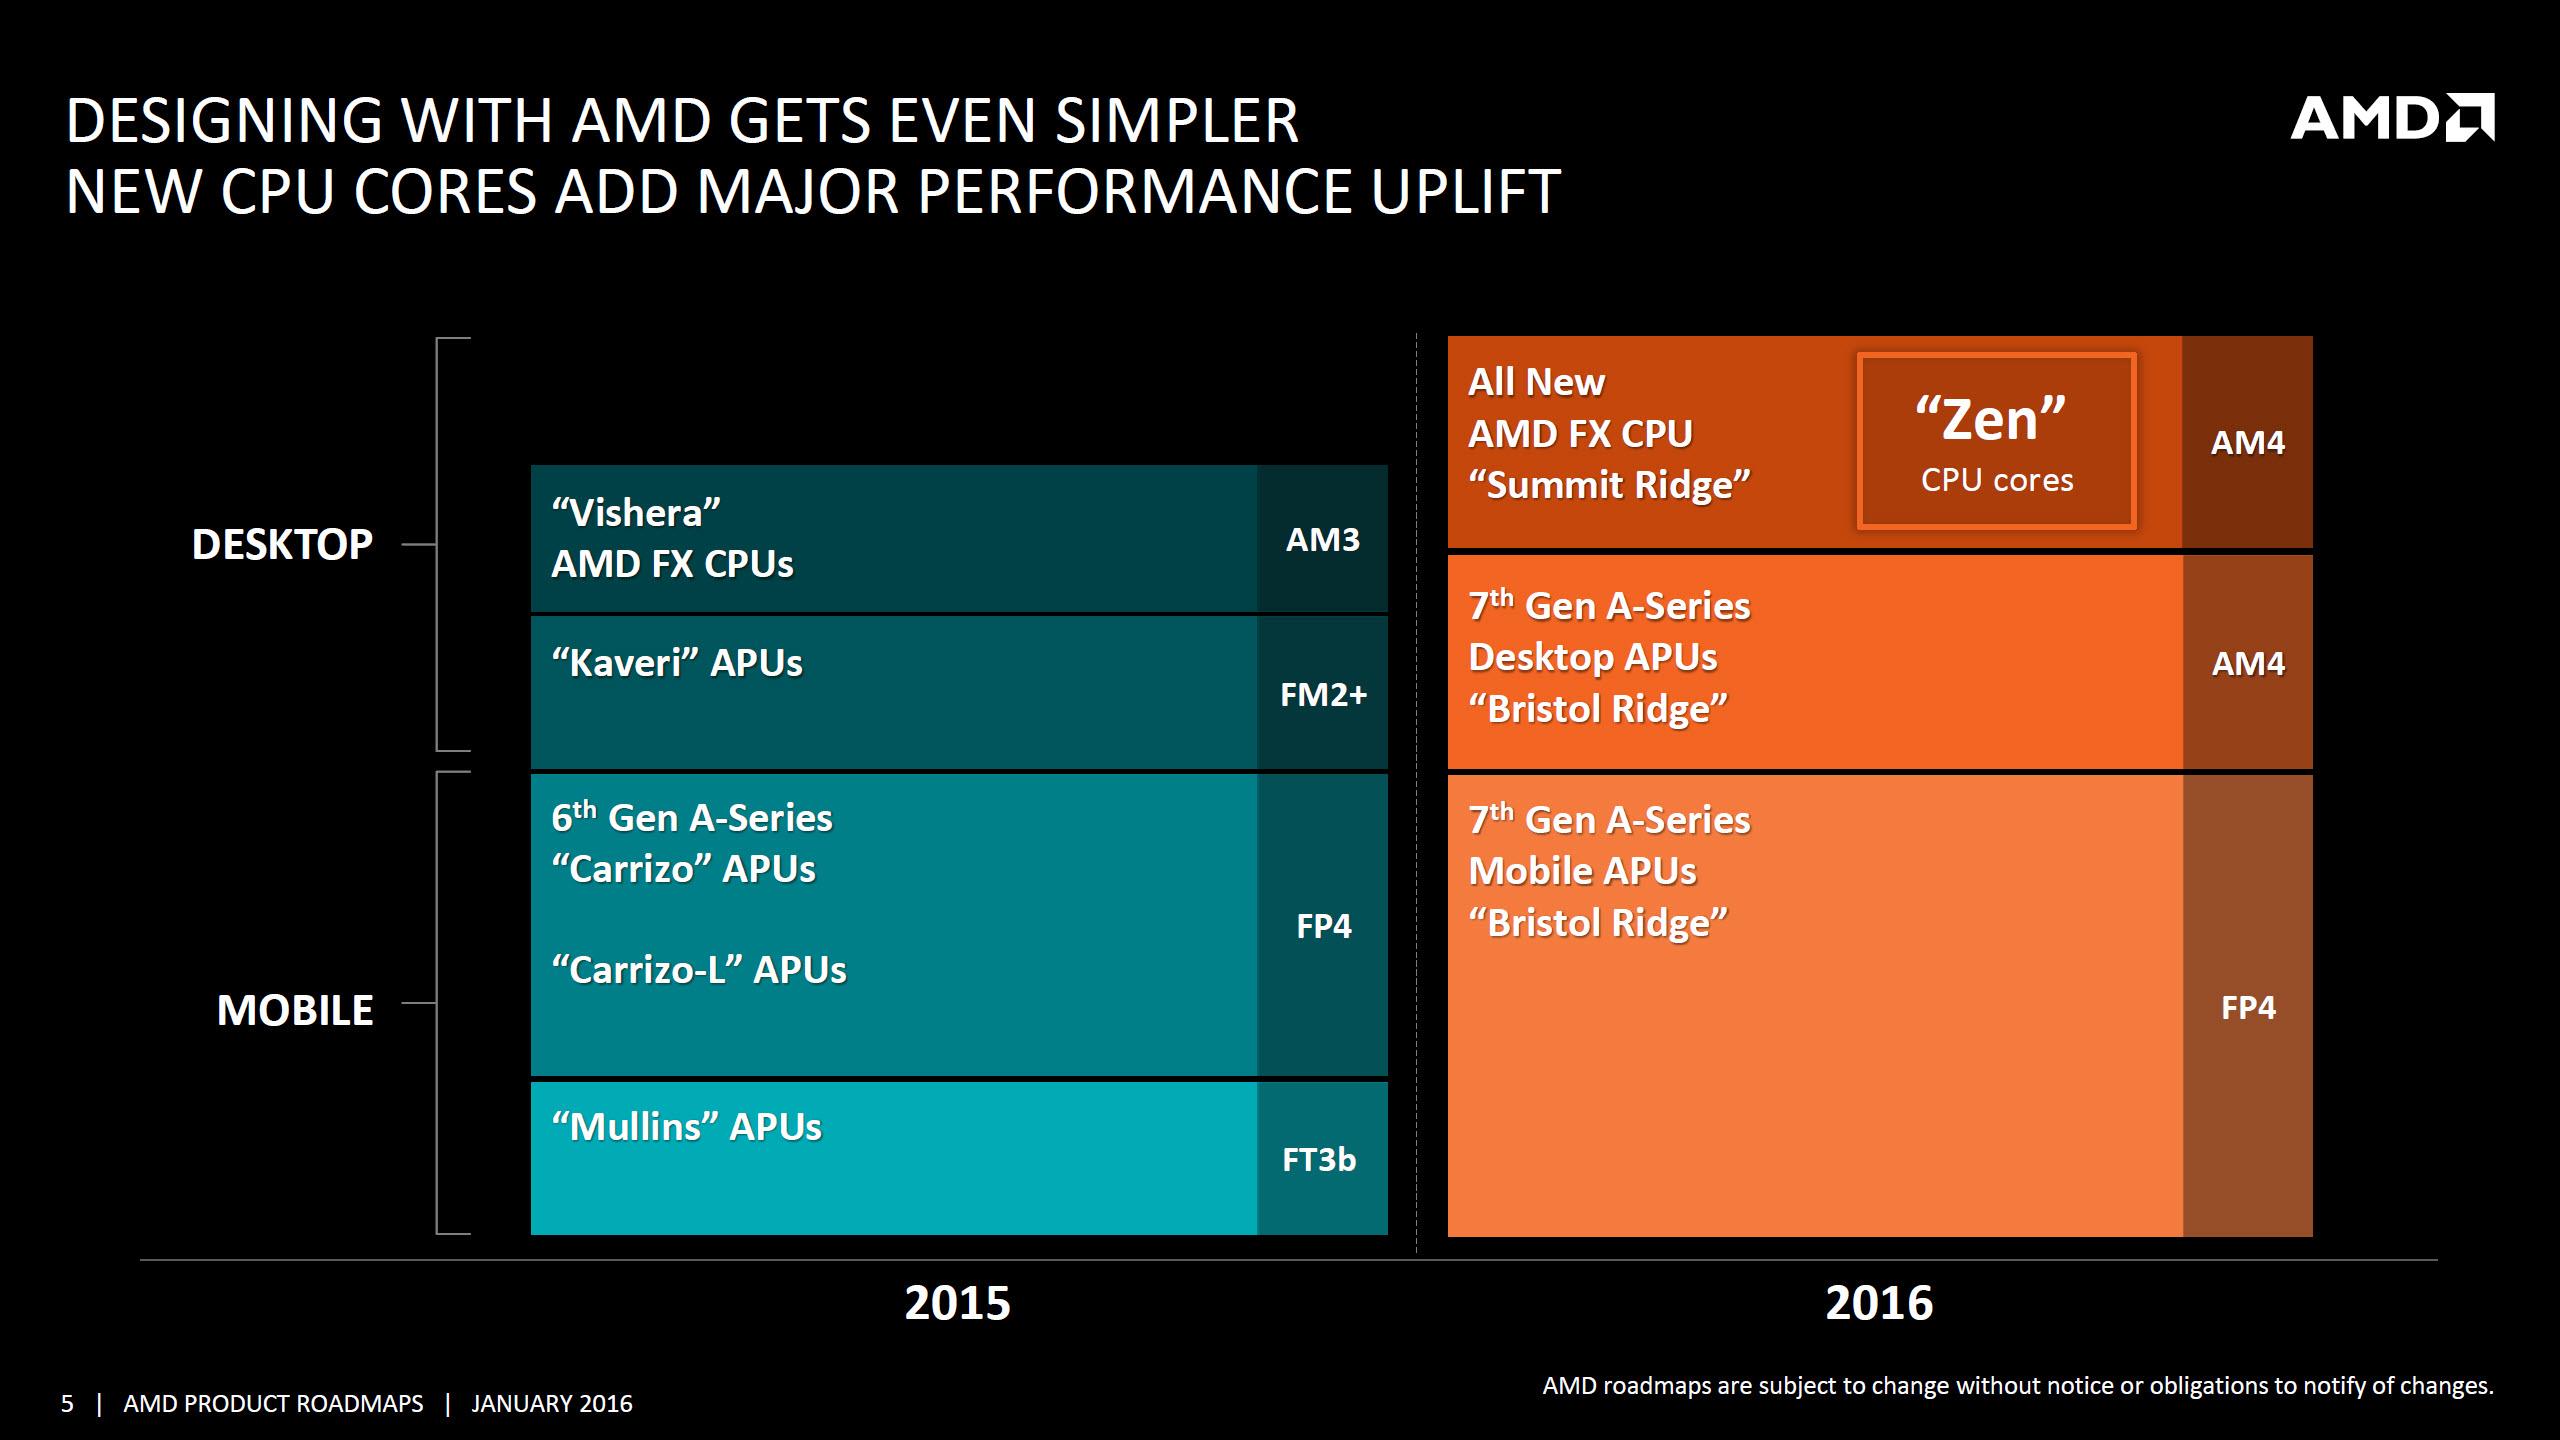 AMD-Zen-Summit-Ridge-CPU